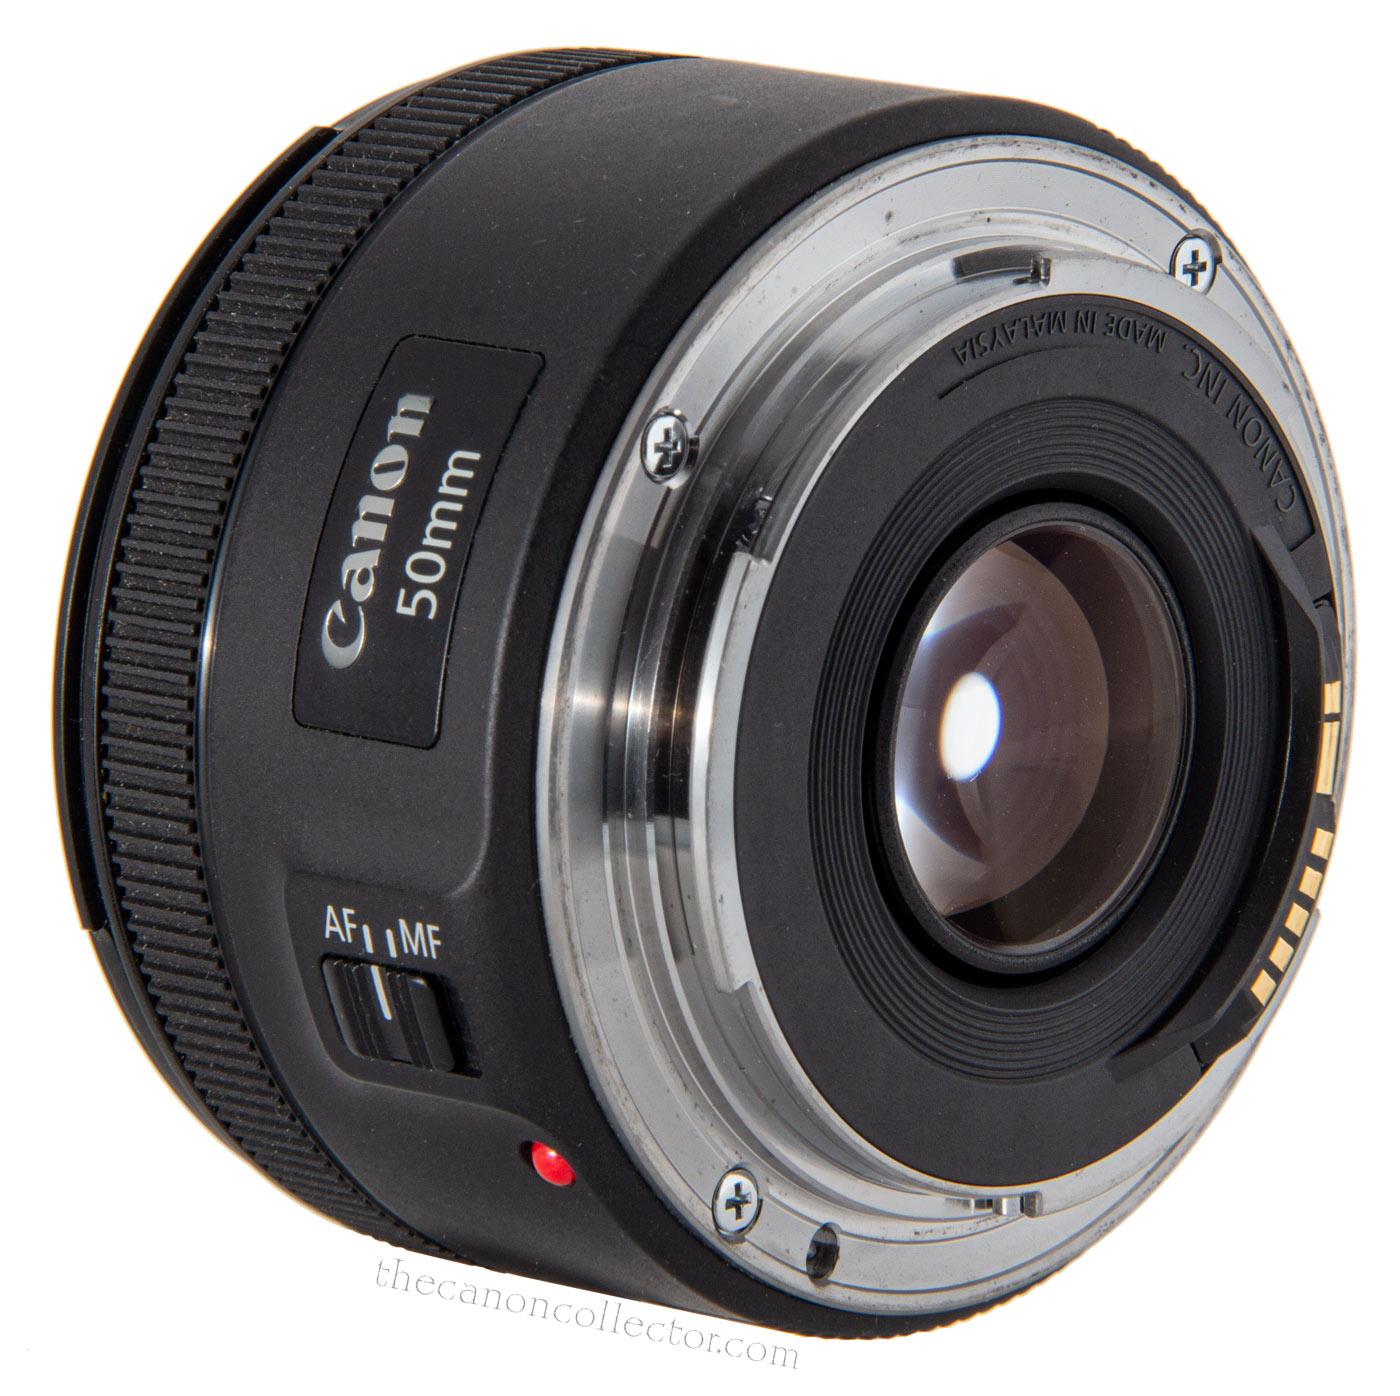 Canon 50mm f/1.8 STM Lens